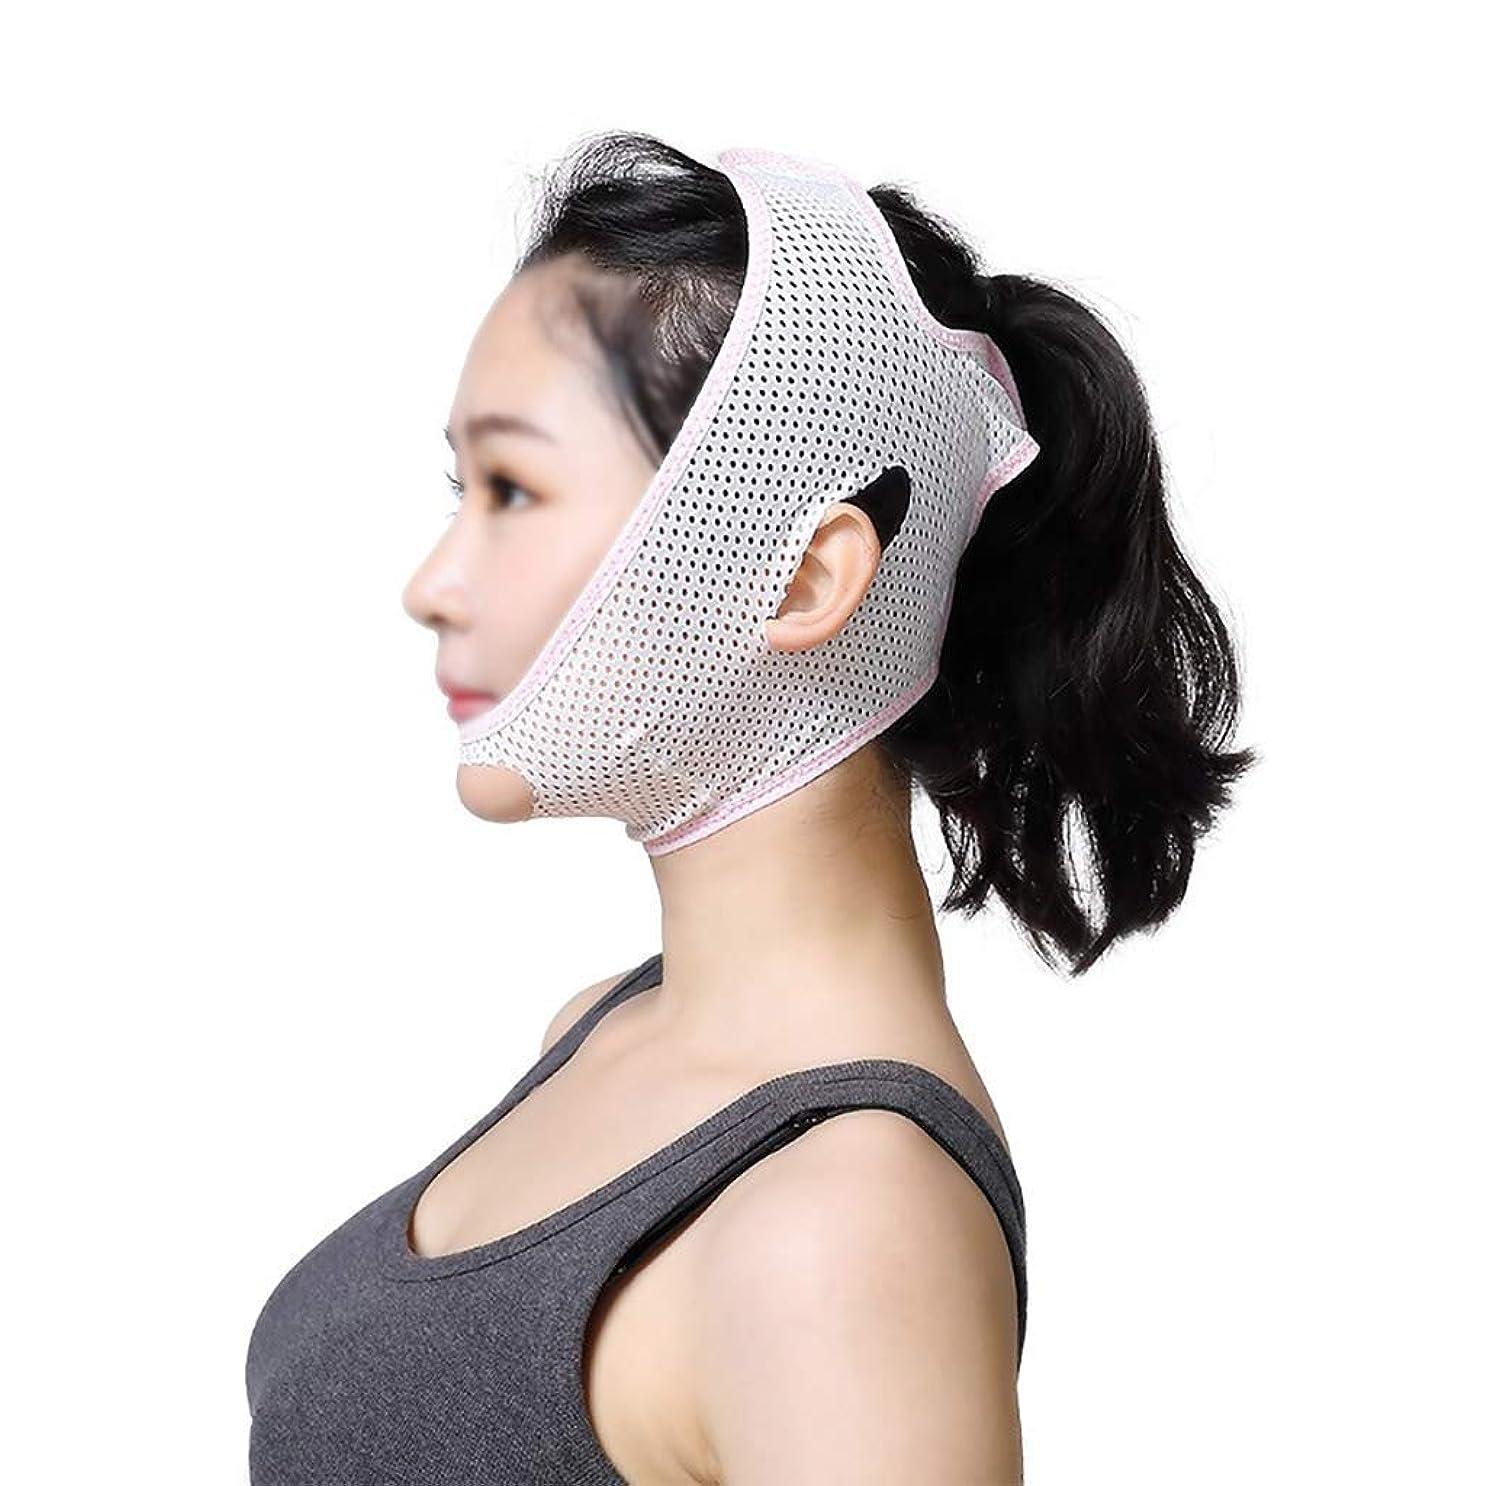 争う病んでいるお気に入りあごのストラップ、二重あごの男性と女性のフェイスリフトフェイシャルへの美しさのマスクでポストフェイス補正を彫る通気性フェイスリフトアーティファクト睡眠包帯ライン(サイズ:M)